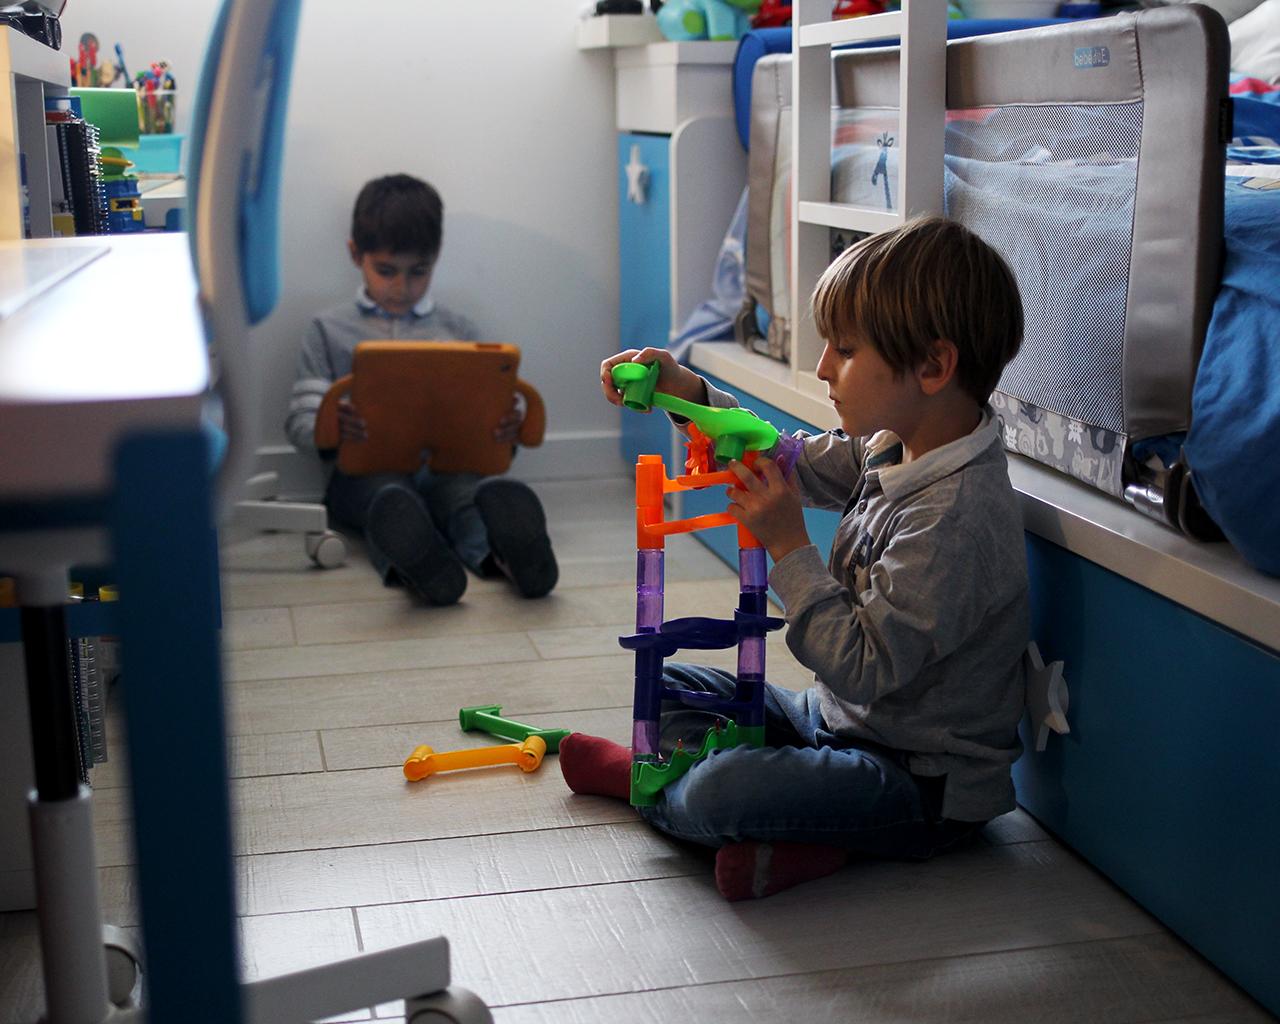 Dos niños juegan en su cuarto. La Comunidad de Madrid suspendió el curso escolar el día 11 de marzo. Madrid. 24/03/2020.